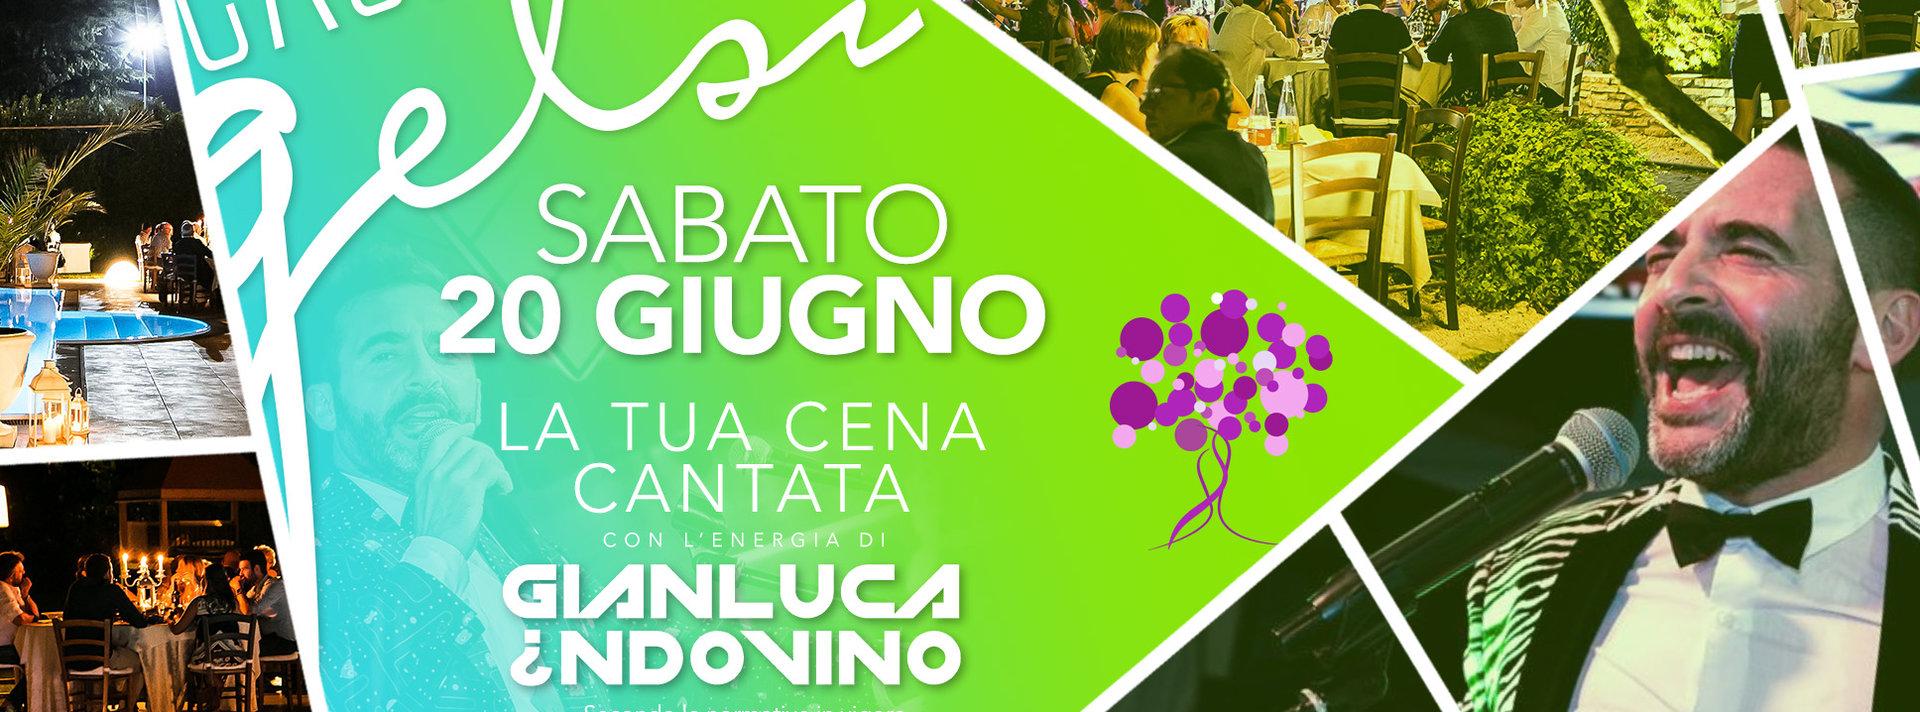 Cena cantata Gianluca Indovino 20 giugno 2020